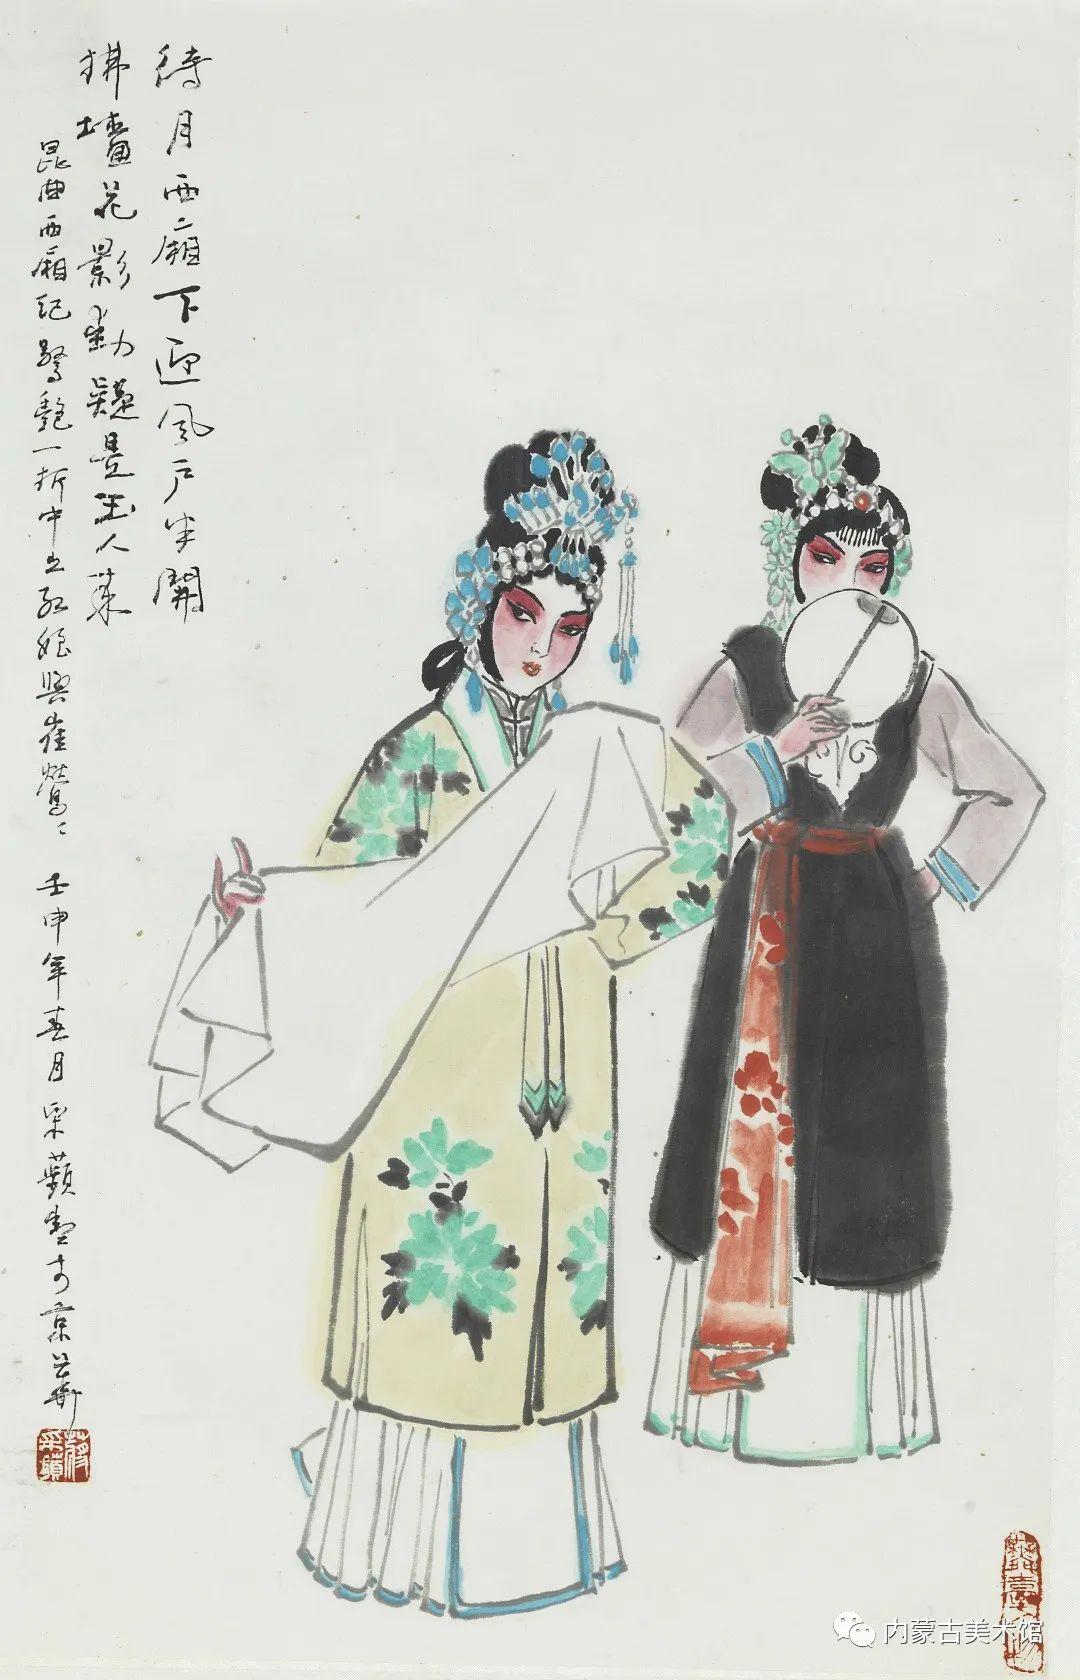 内蒙古美术馆,馆藏来了 第15张